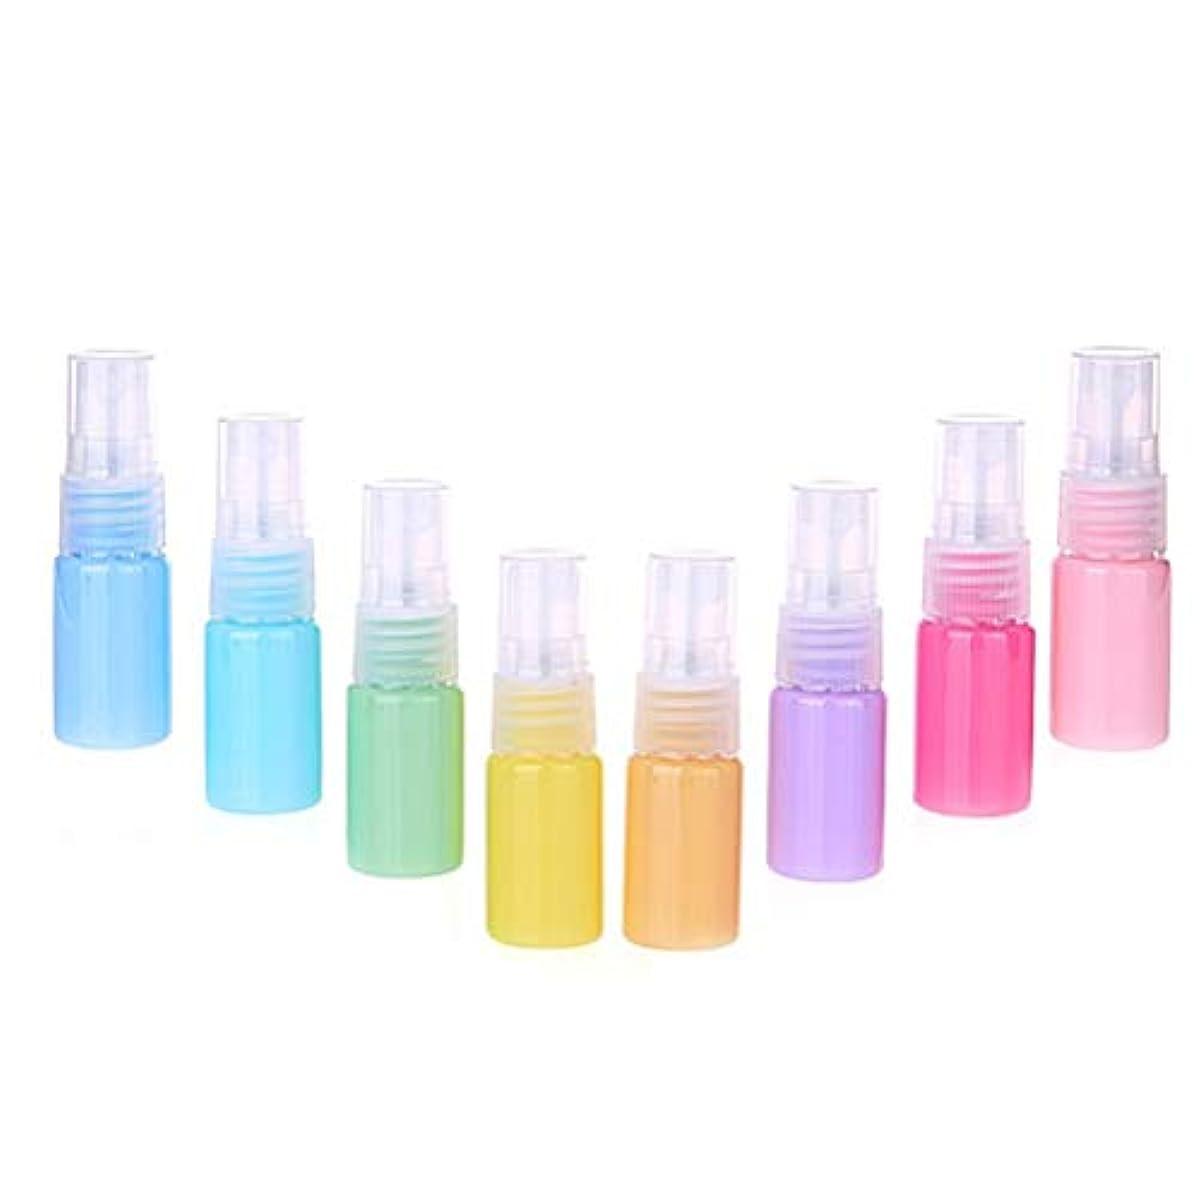 中世のアーク海嶺Frcolor 8ピース 10ml スプレー空ボトル カラフルな 収納ボトル 耐久性 化粧水 旅行アクセサリー (混合色)